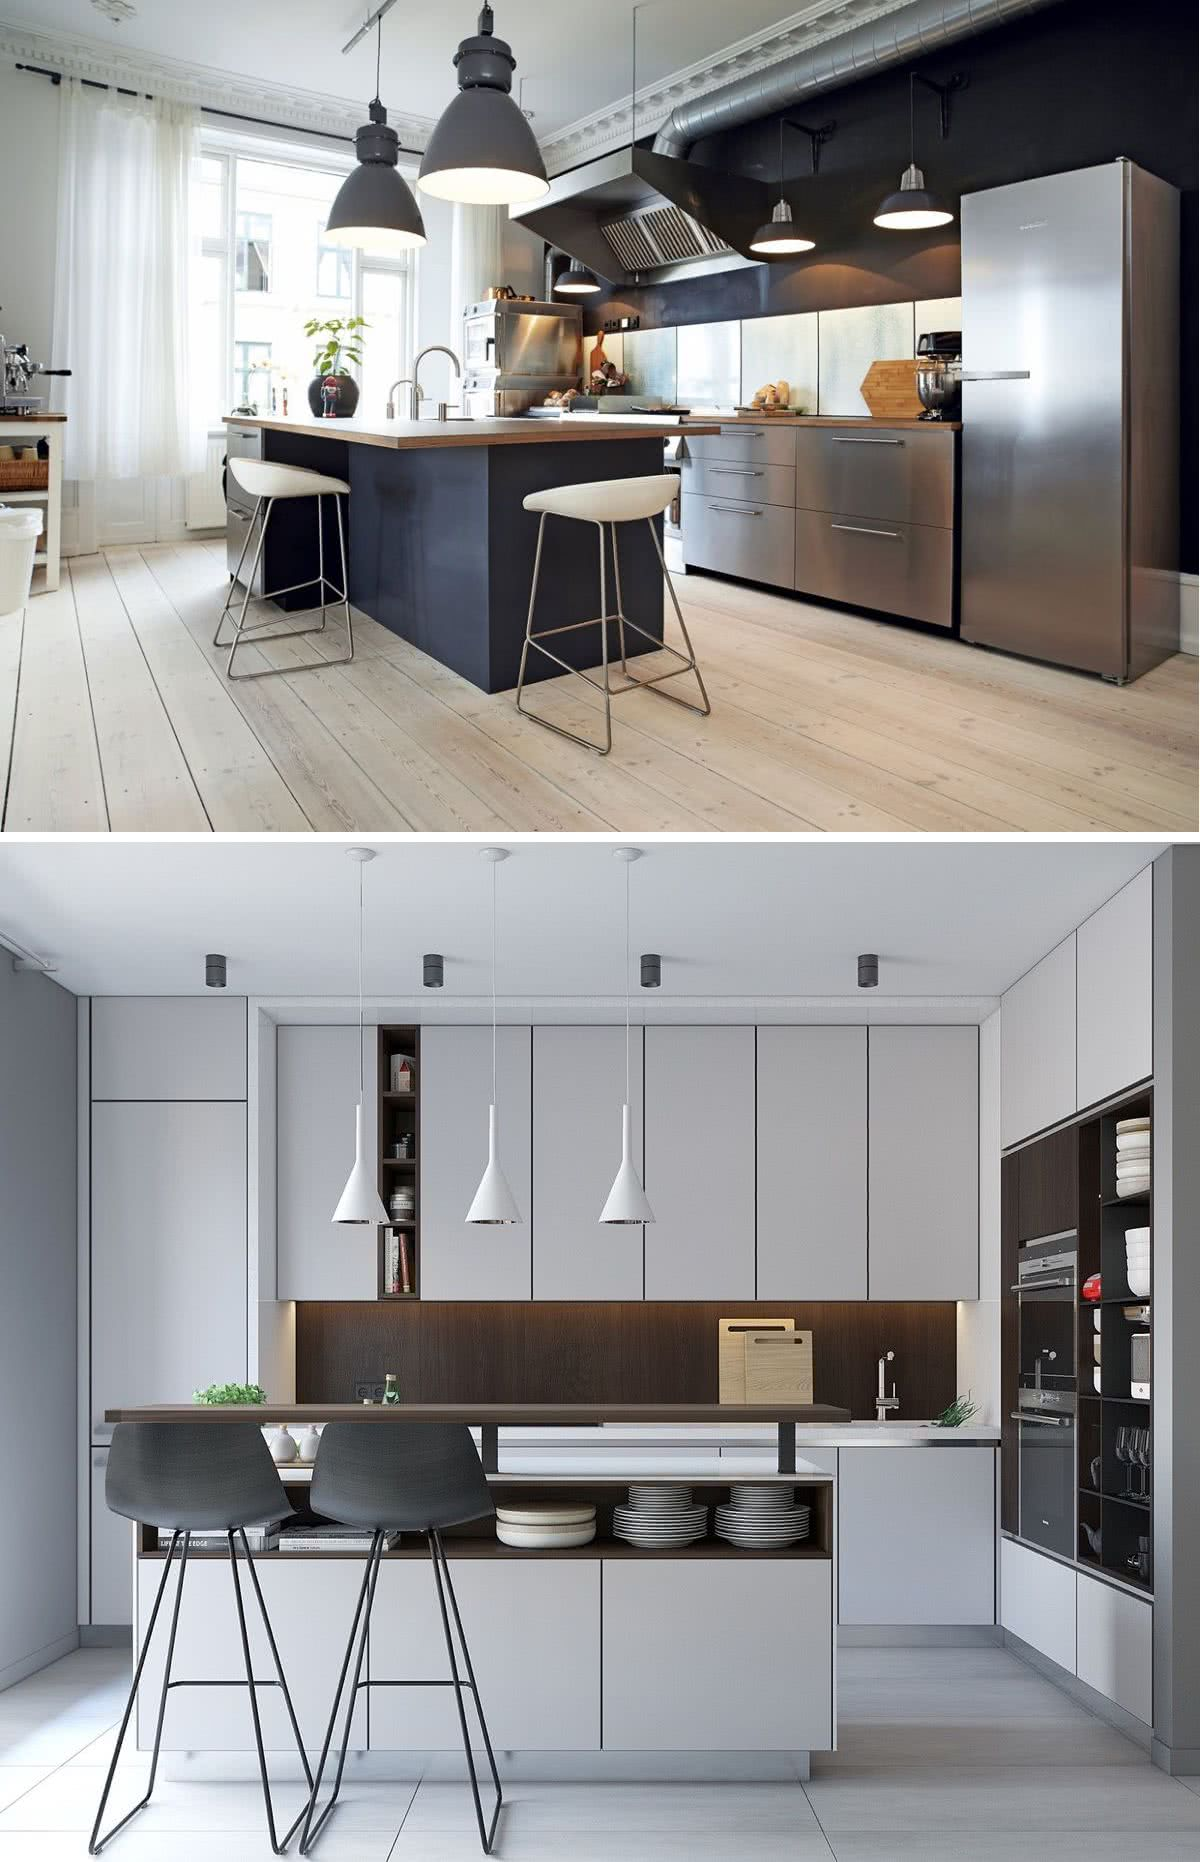 Diseños de cocinas 2020 70 imágenes y tendencias modernas